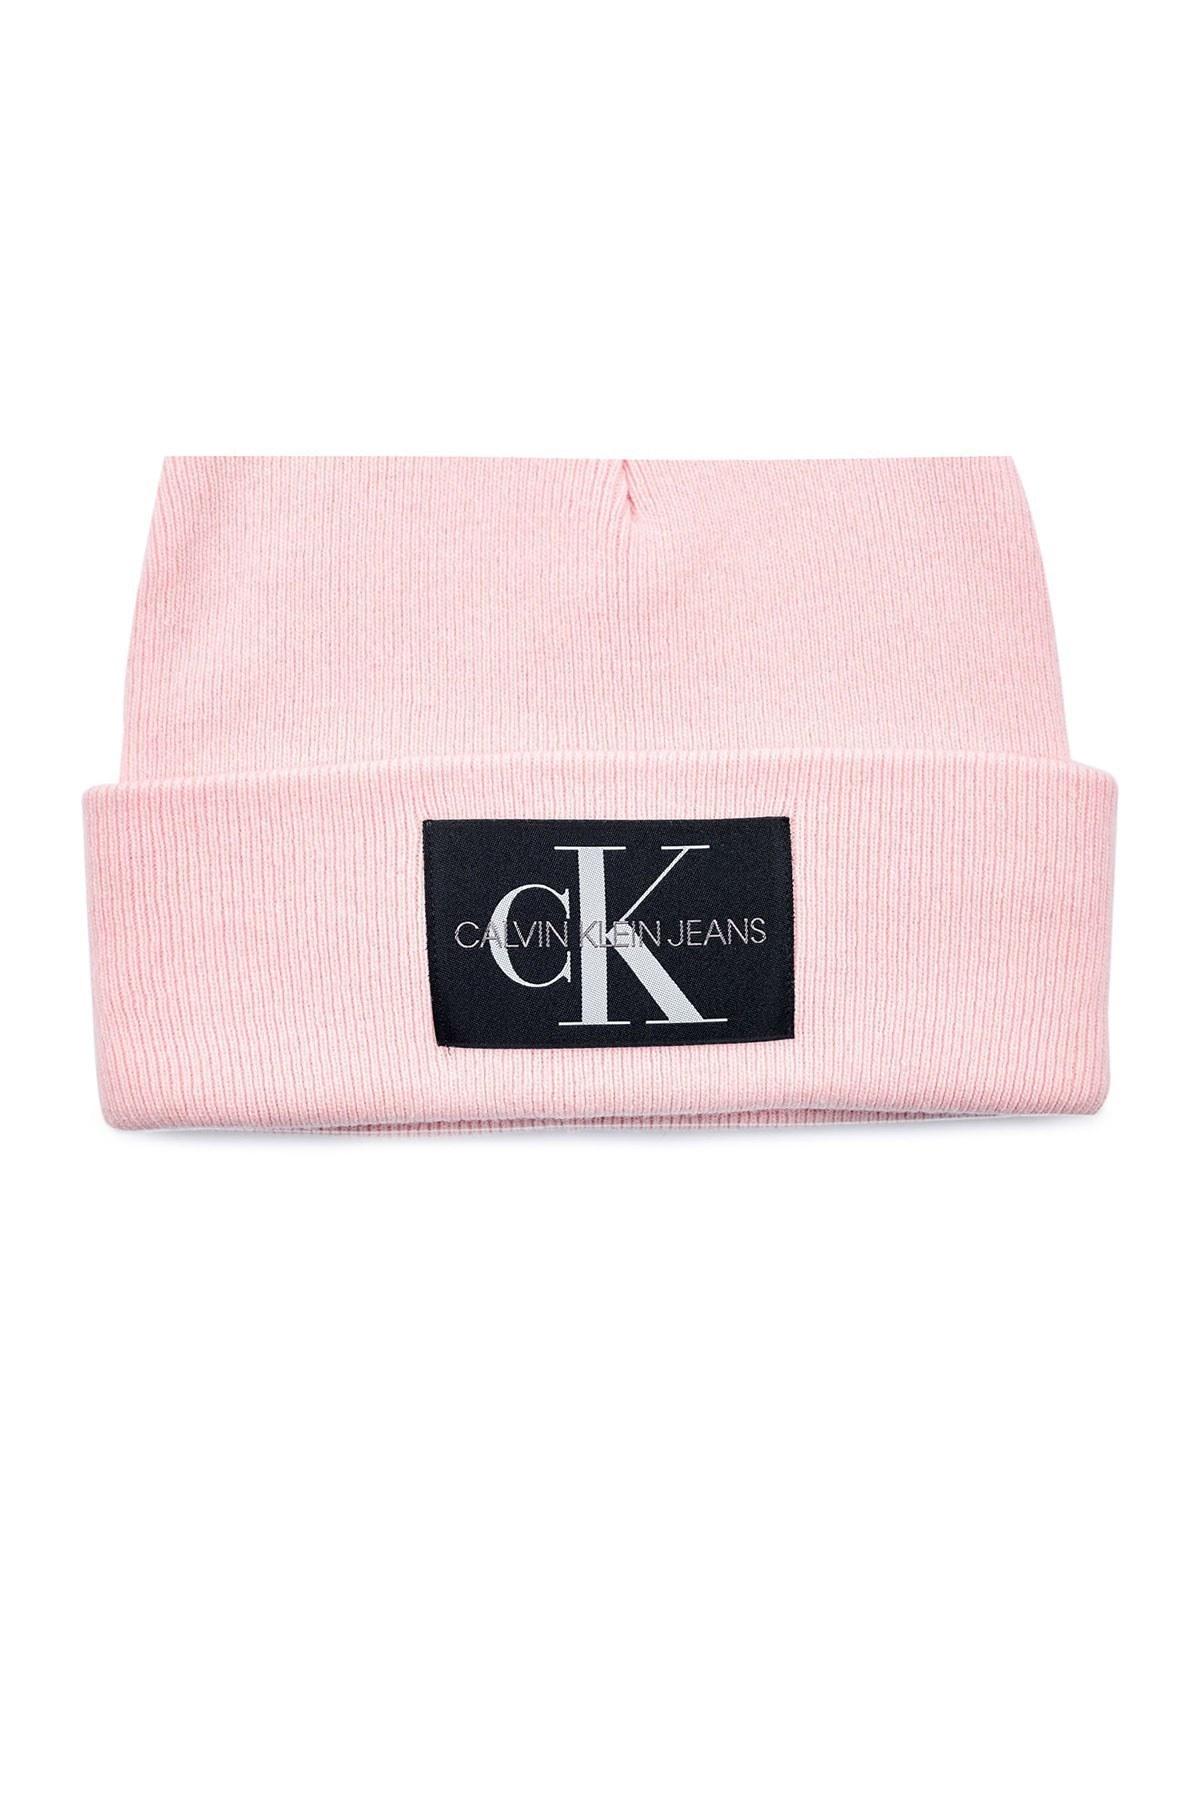 Calvin Klein Logo Baskılı Yünlü Kadın Bere K60K607384 TE5 PEMBE